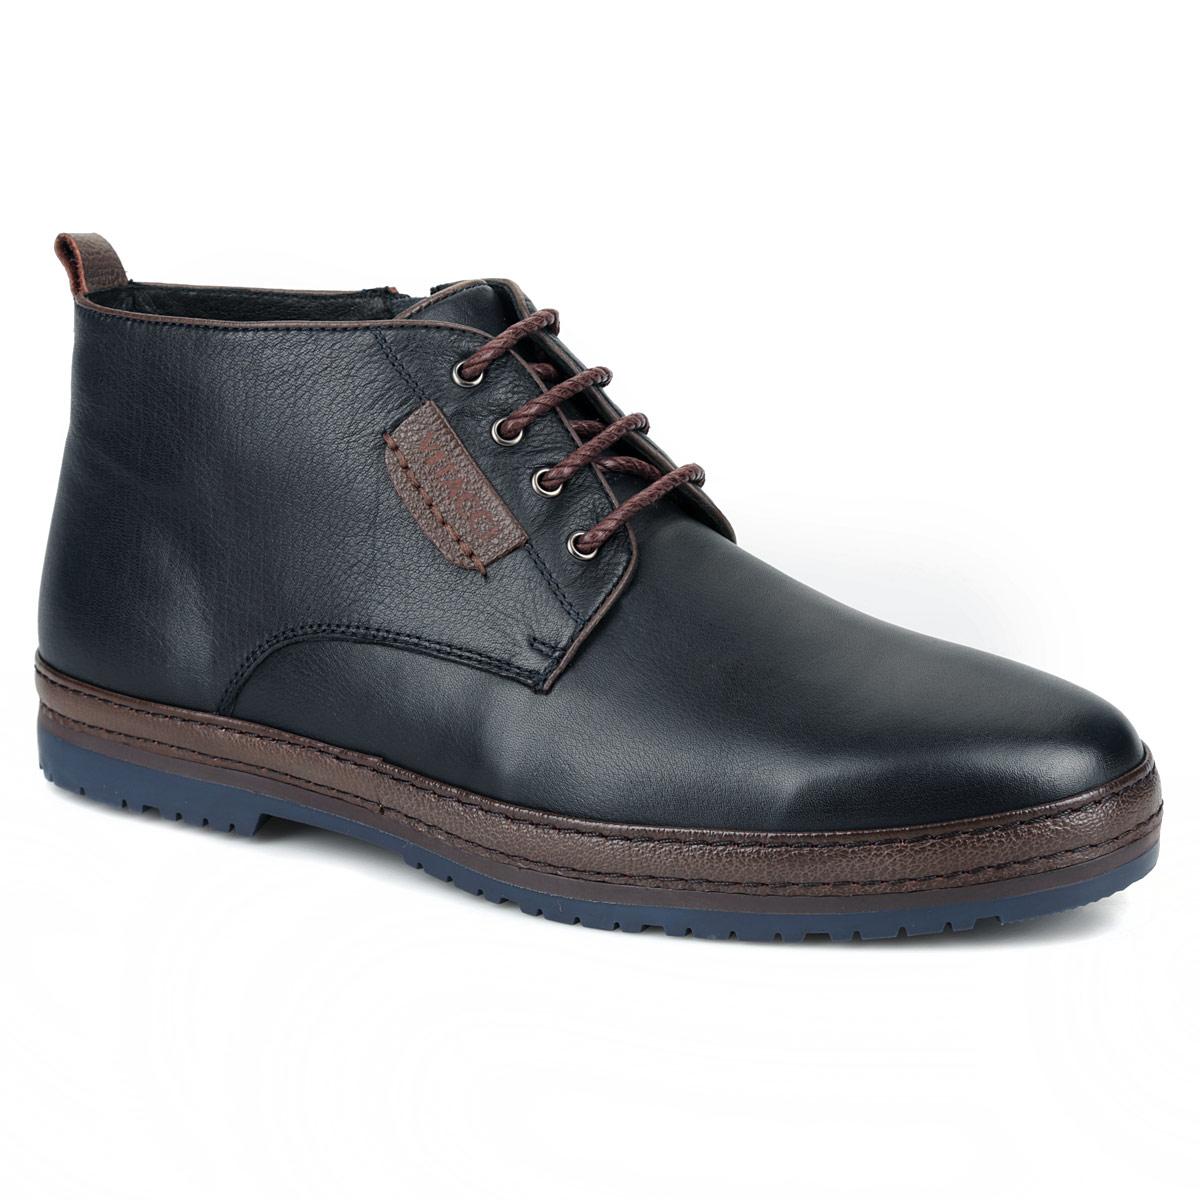 Ботинки мужские. M21158M21158Оригинальные ботинки от Vitacci - отличный вариант на каждый день. Модель выполнена из натуральной кожи. Стелька и подкладка, выполненные из мягкого ворсина, защитят ноги от холода и обеспечат комфорт. Классическая шнуровка надежно фиксирует модель на ноге. Ботинки оформлены по контуру подошвы полоской из кожи контрастного цвета. Задник декорирован ярлычком и наружным ремнем контрастного цвета. Одна боковая часть оформлена небольшой вставкой из кожи с логотипом Vitacci. Ботинки застегиваются на застежку-молнию, расположенную сбоку. Подошва из резины с рельефным протектором обеспечивает отличное сцепление на любой поверхности. В этих ботинках вашим ногам будет комфортно и уютно. Они подчеркнут ваш стиль и индивидуальность.